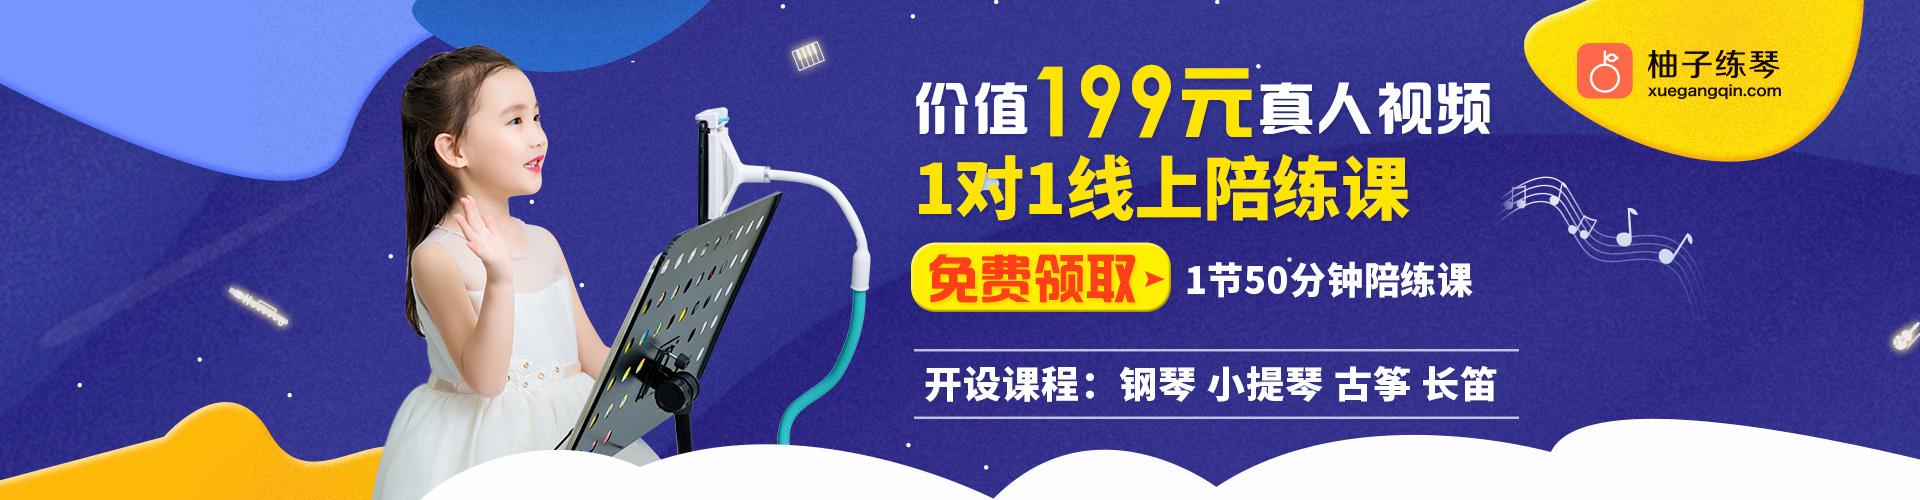 柚子练琴-免费领取一节价值199元的真人视频一对一乐器陪练课程(三个月以上基础)